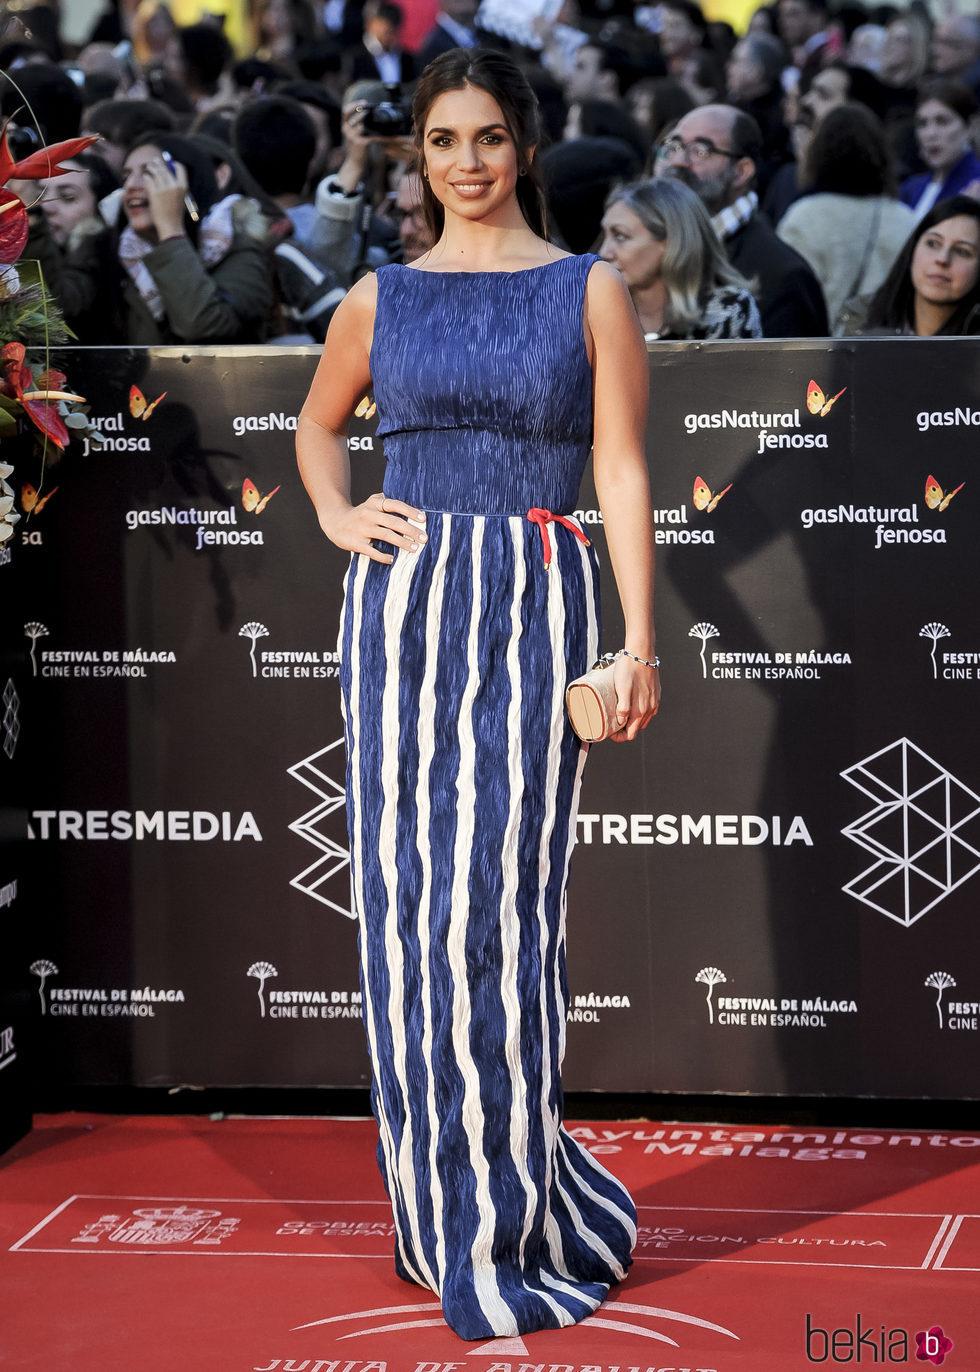 Elena Furiase en la gala de clausura del Festival de Cine de Málaga